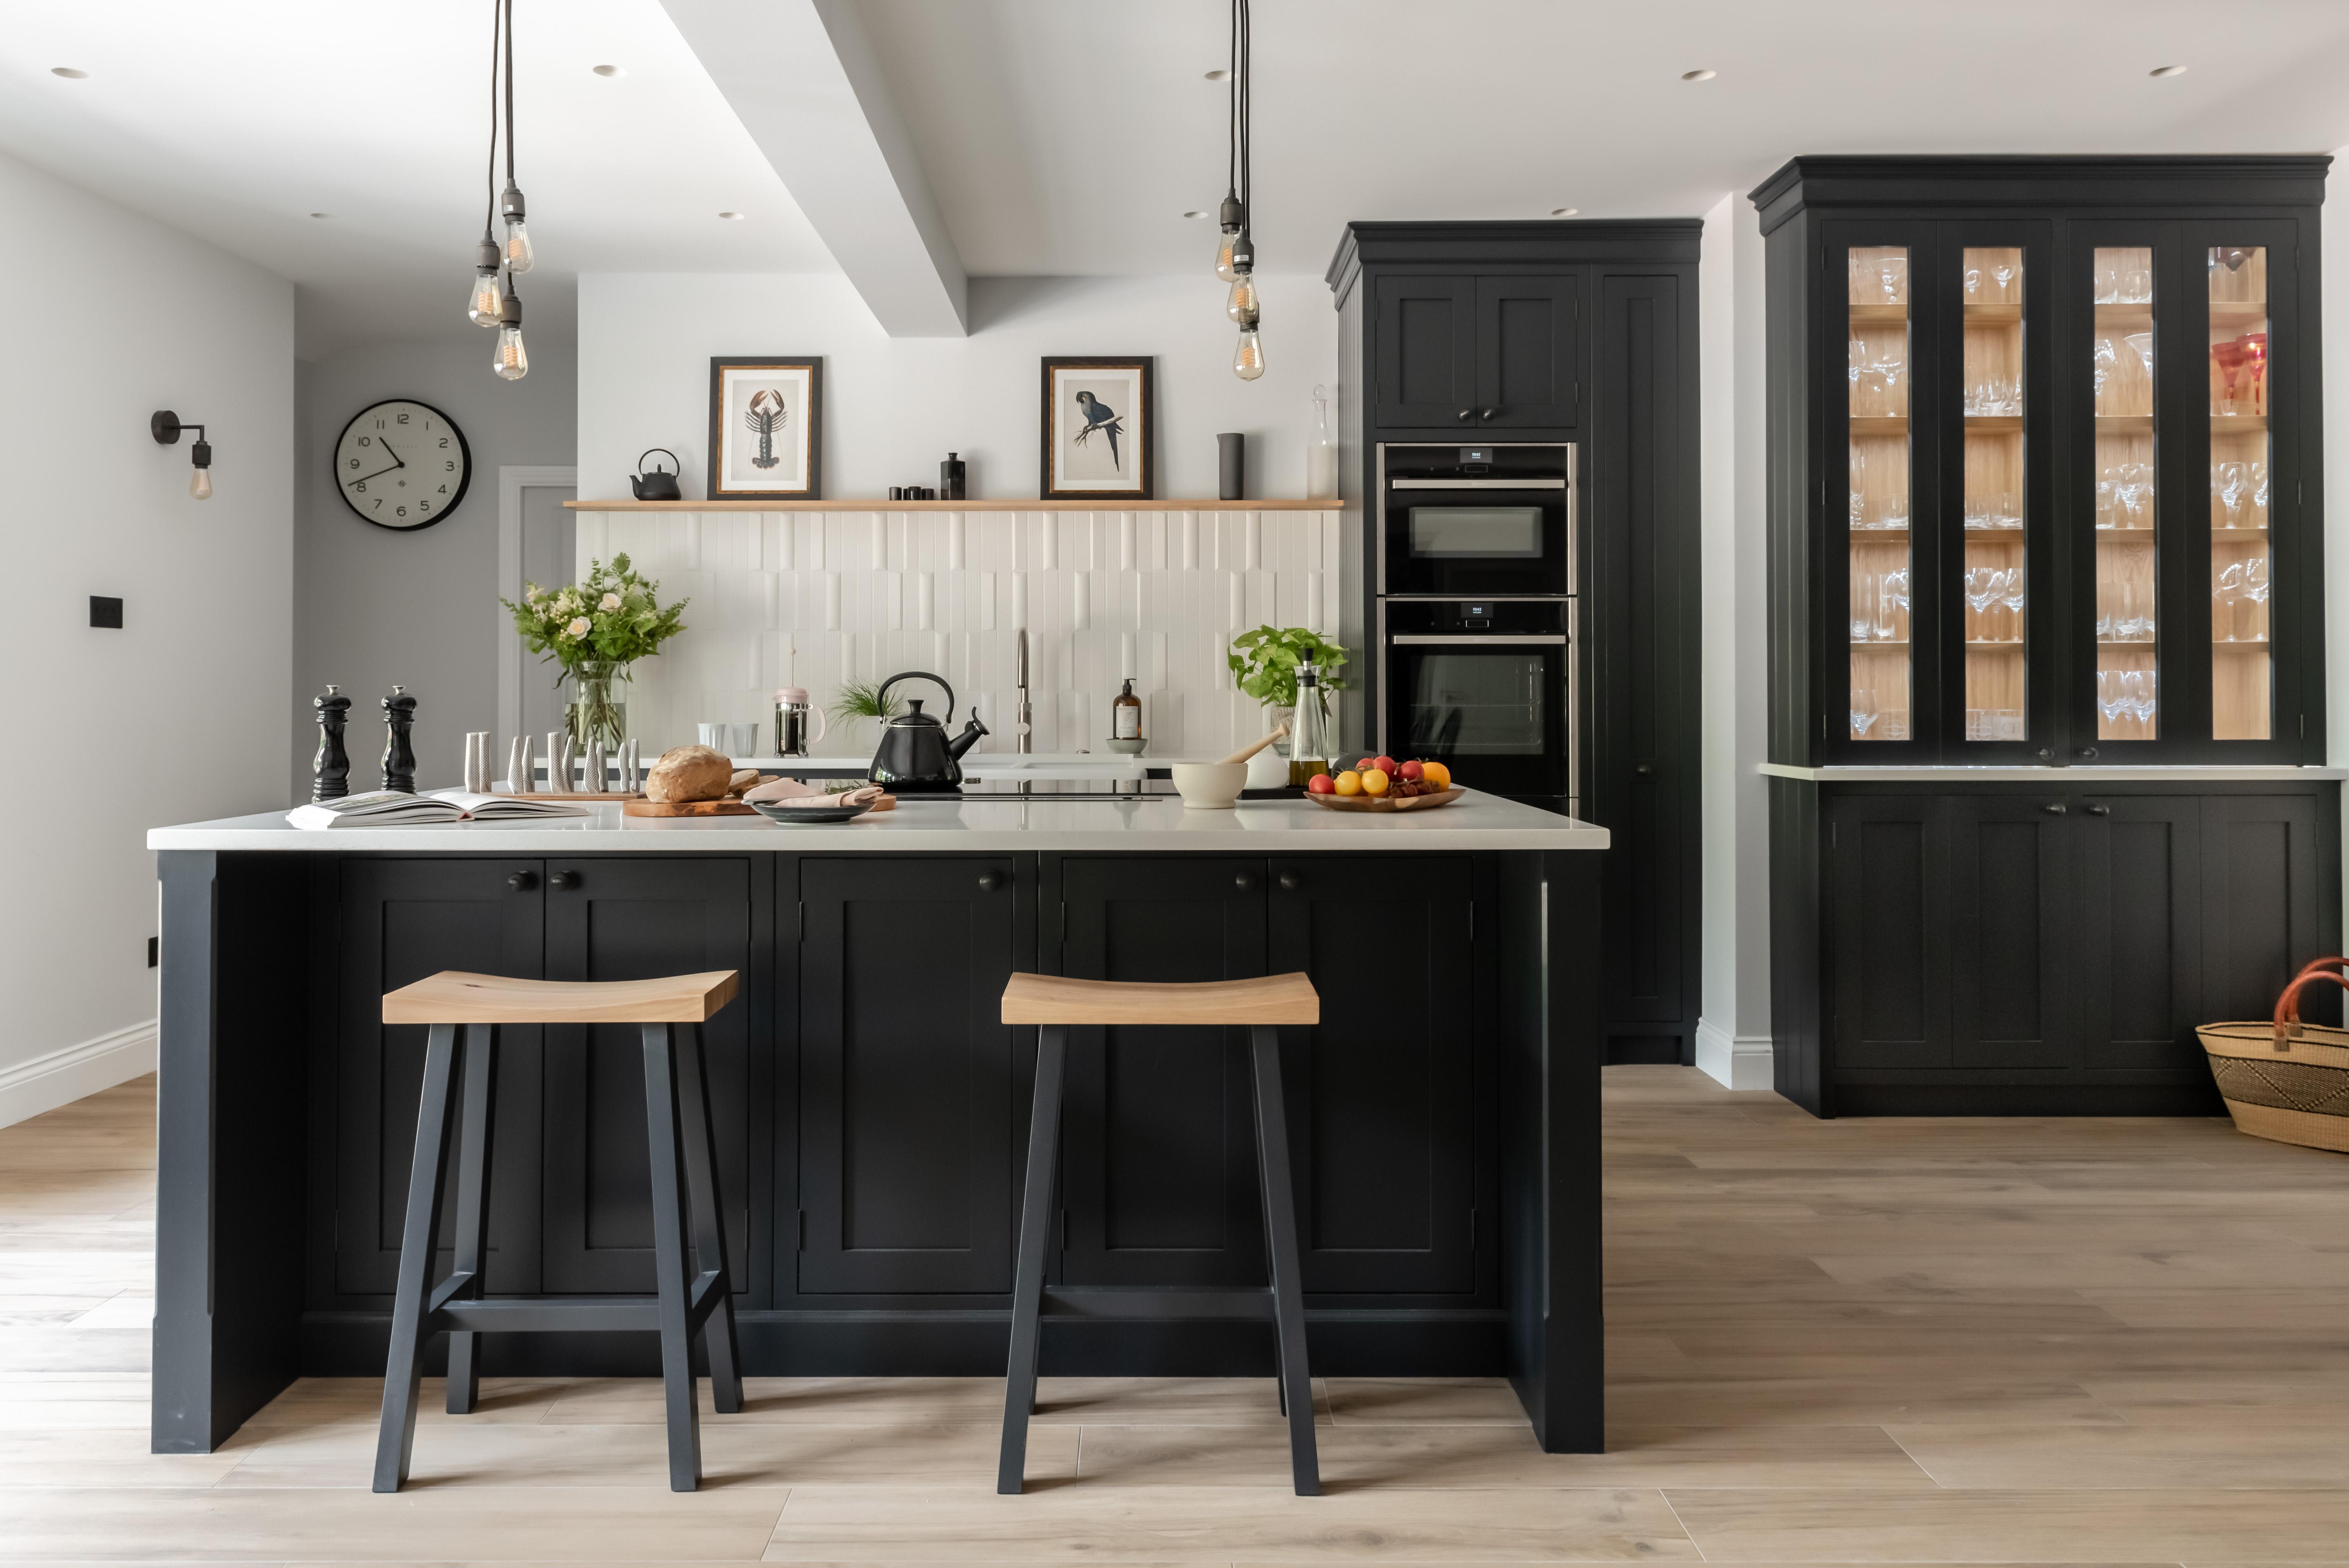 9 Kitchen flooring ideas stylish, practical kitchen floors ...